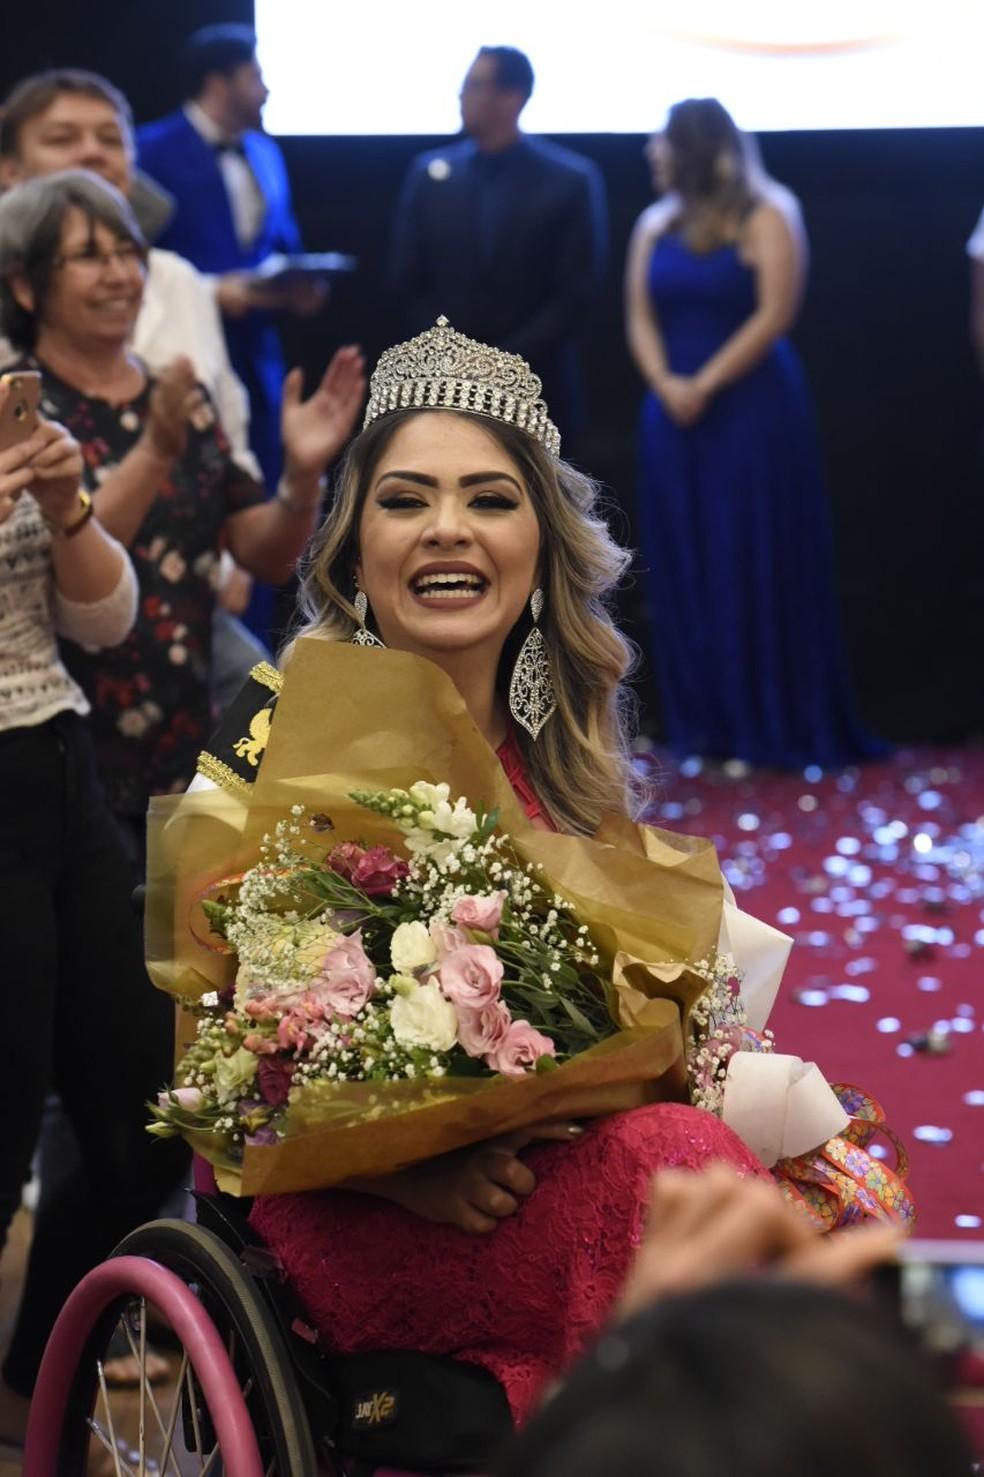 Miss Distrito Federal, representante do Lago Sul (Foto: Divulgação)